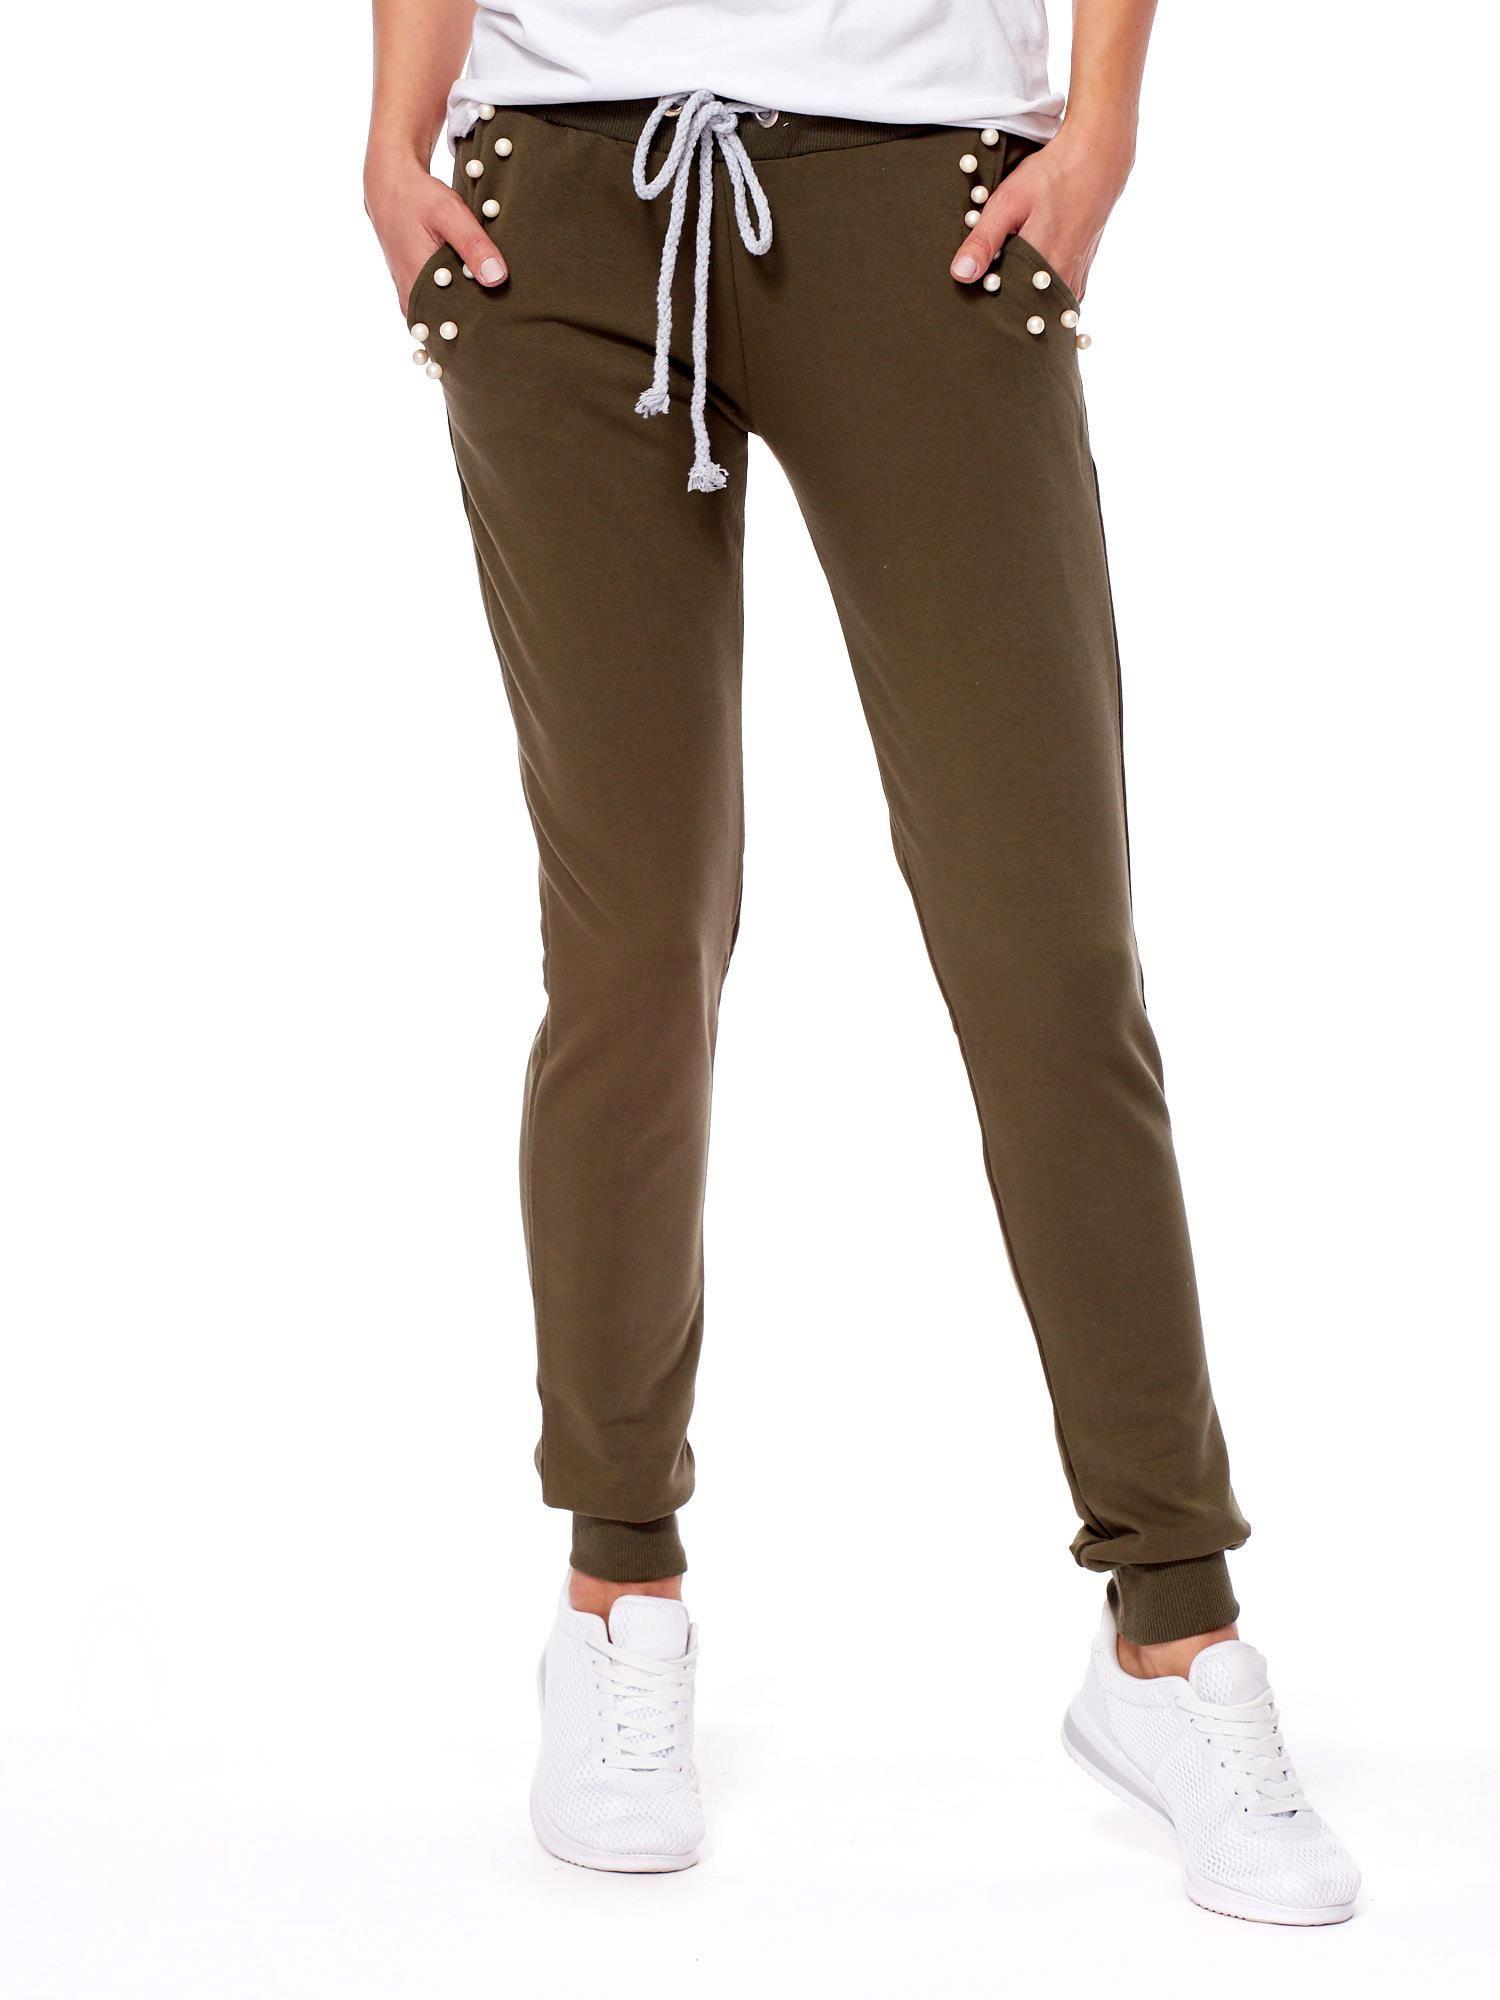 Khaki spodnie dresowe ze ściągaczami i perełkami